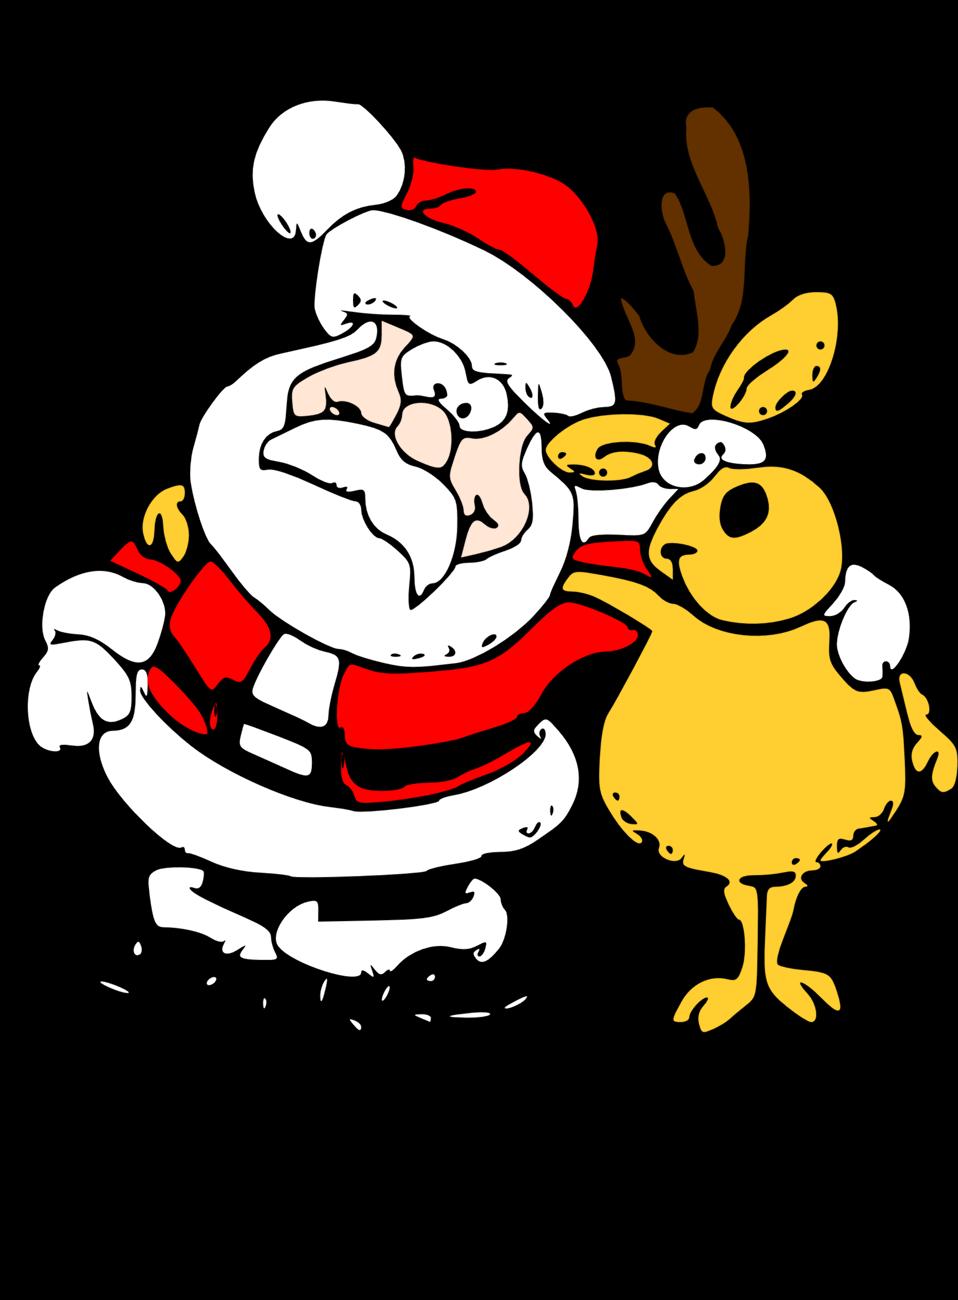 Clipart reindeer file. Public domain clip art